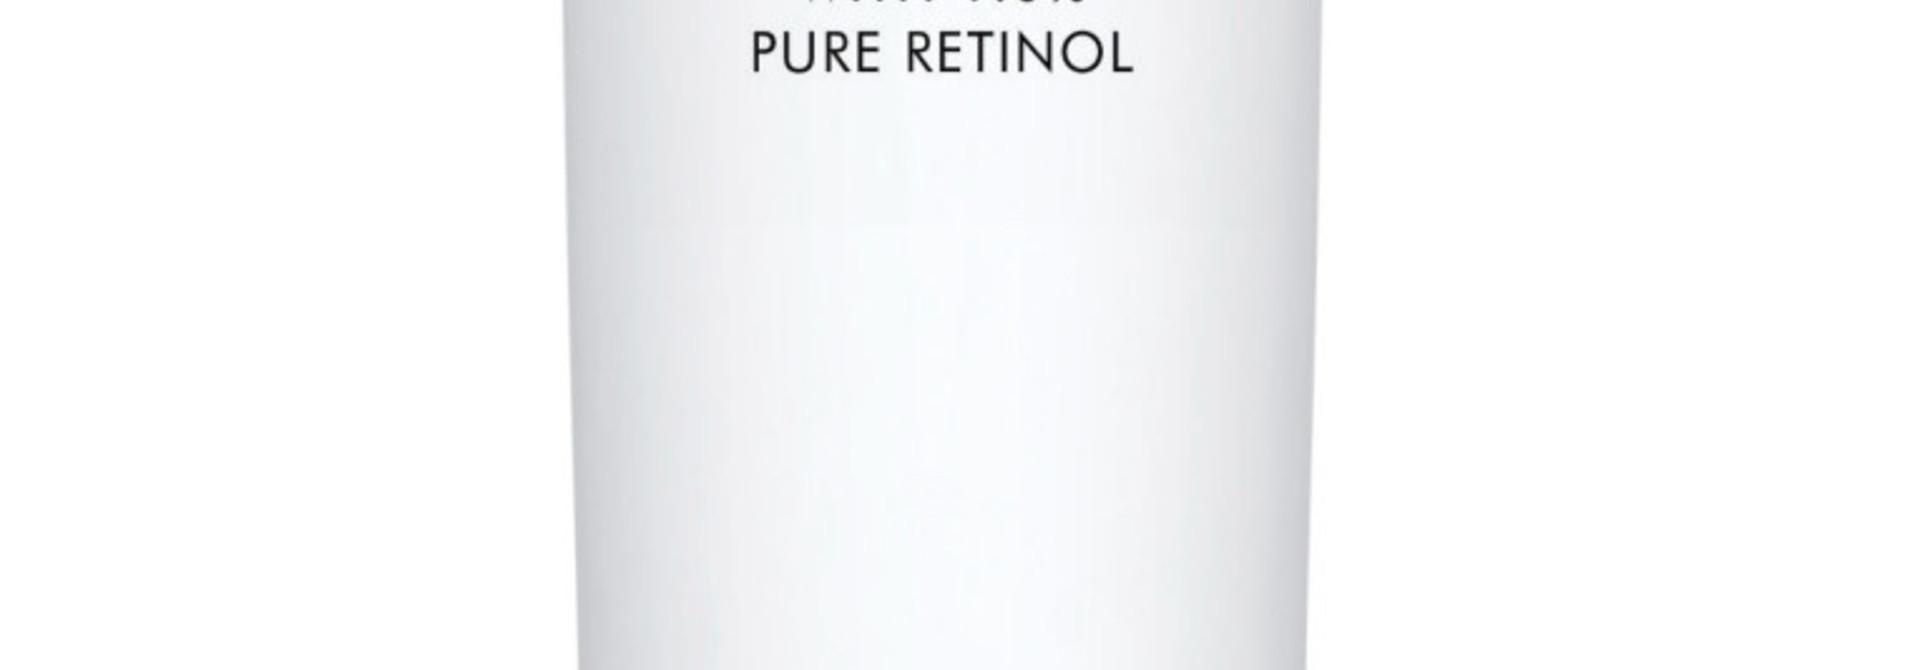 Retinol 1.0% - 30ml